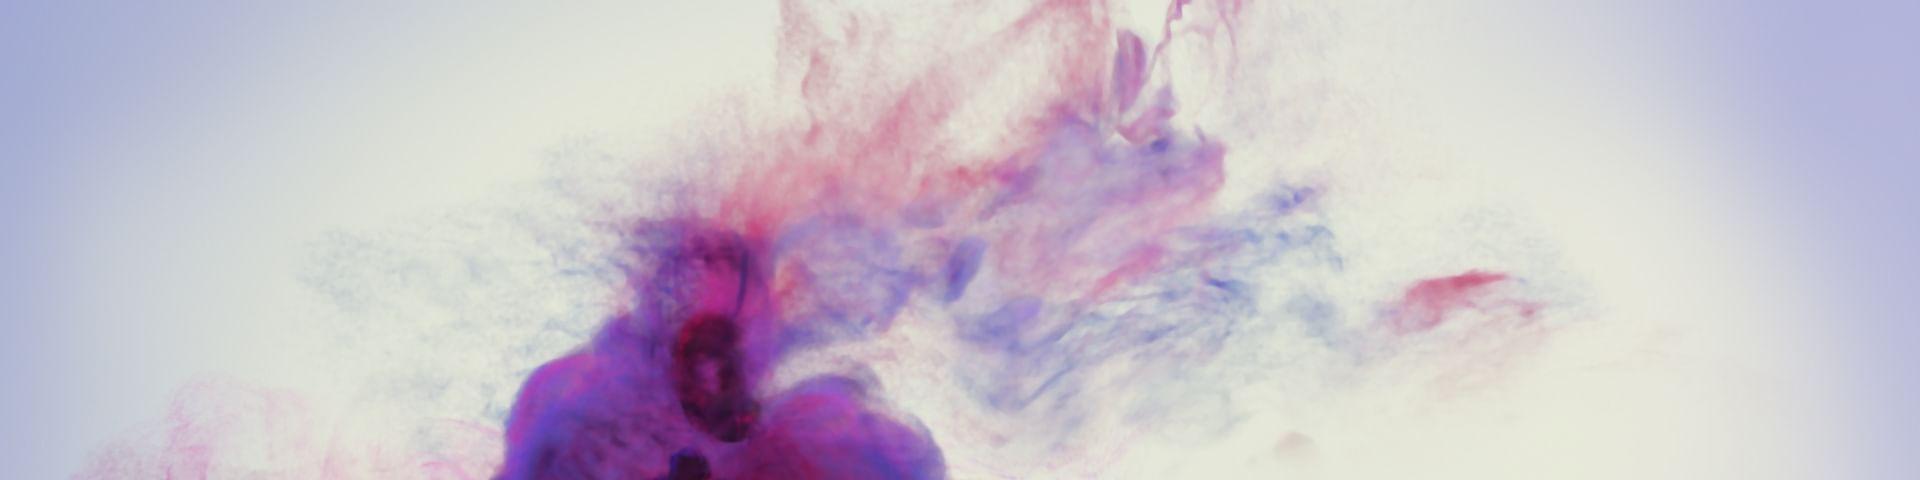 Ceci n'est pas un graffiti (9/10)